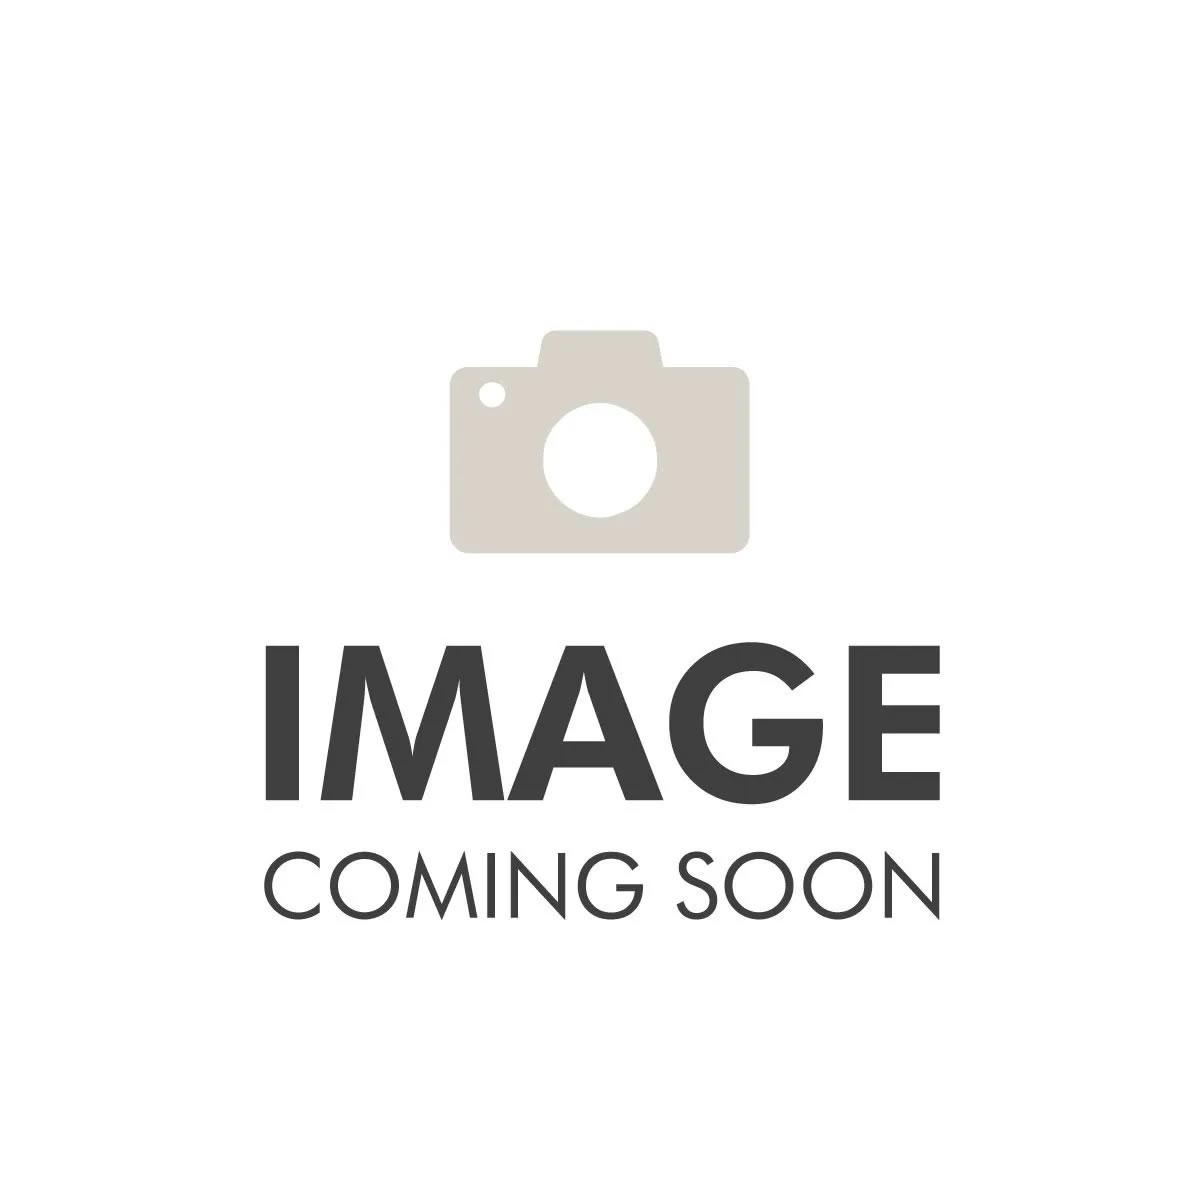 LED Tail Light Set; 76-06 Jeep CJ/Wrangler